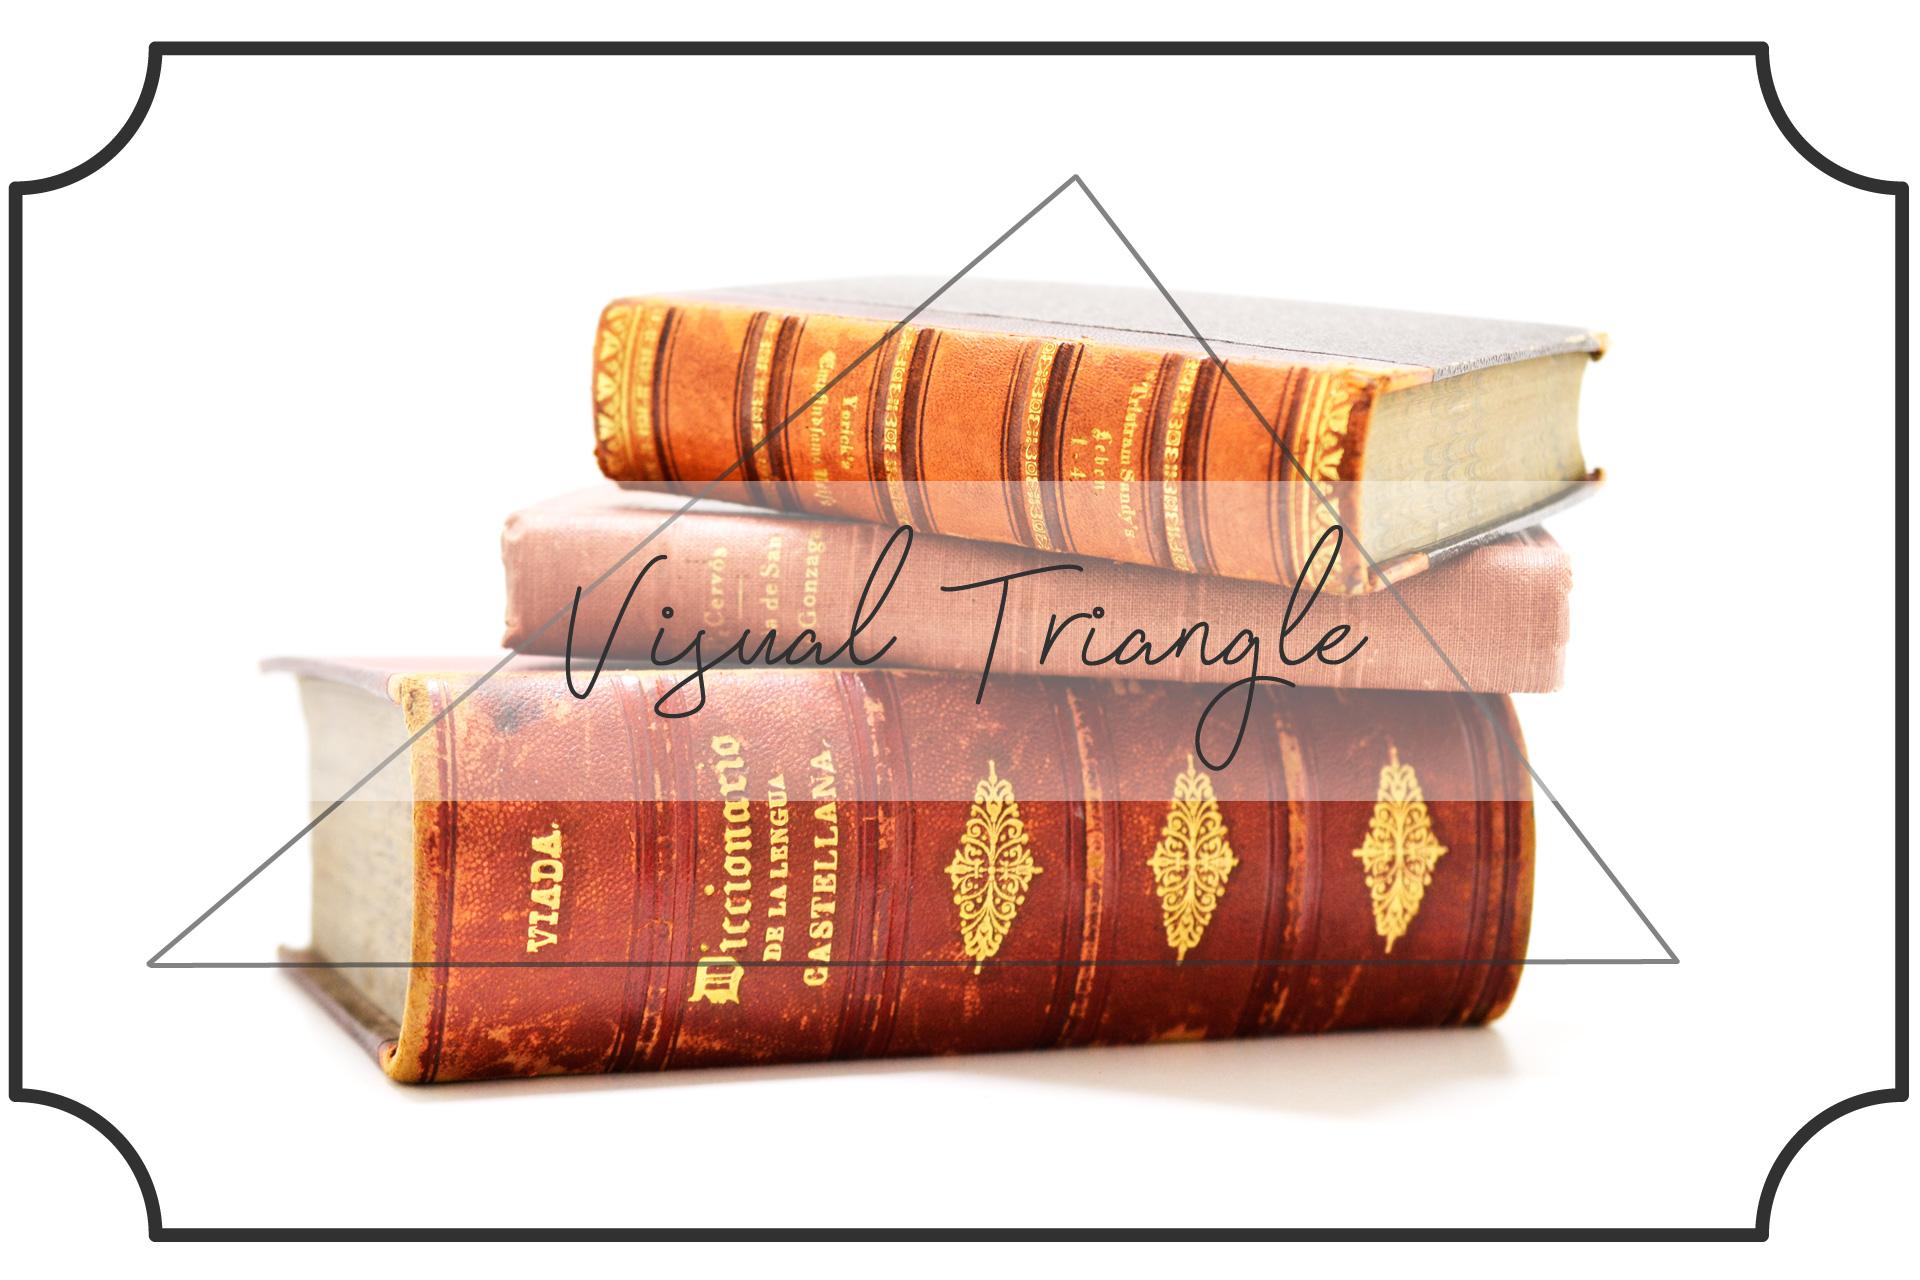 三角形になるように積み上げた本